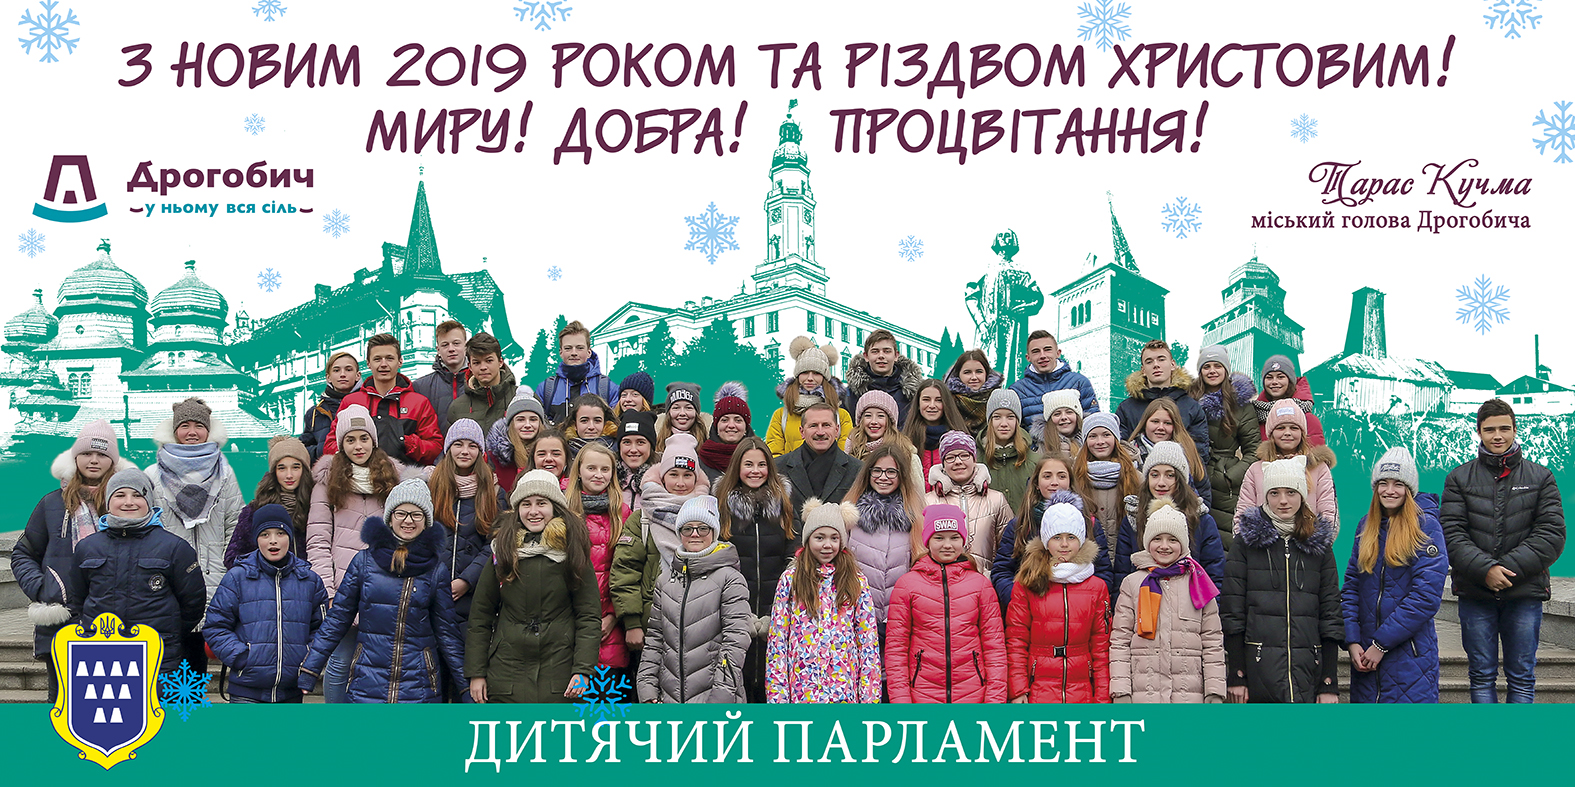 Дрогобицькі діти-парламентарі спільно з міським головою вітають дрогобичан та гостей міста з Новорічно-Різдвяними святами